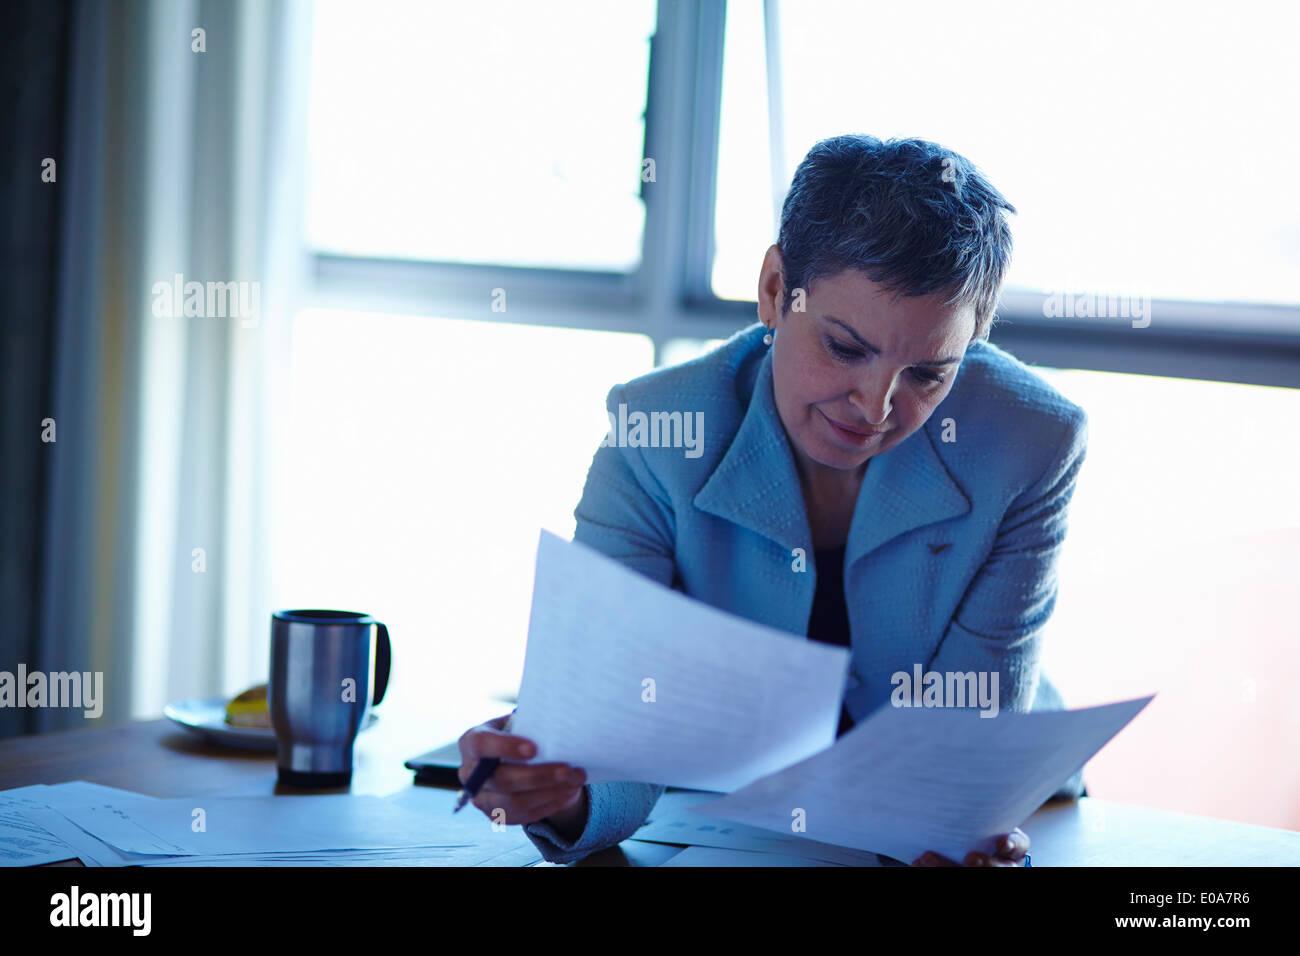 Reading im genes de stock reading fotos de stock alamy for Maduras en la oficina